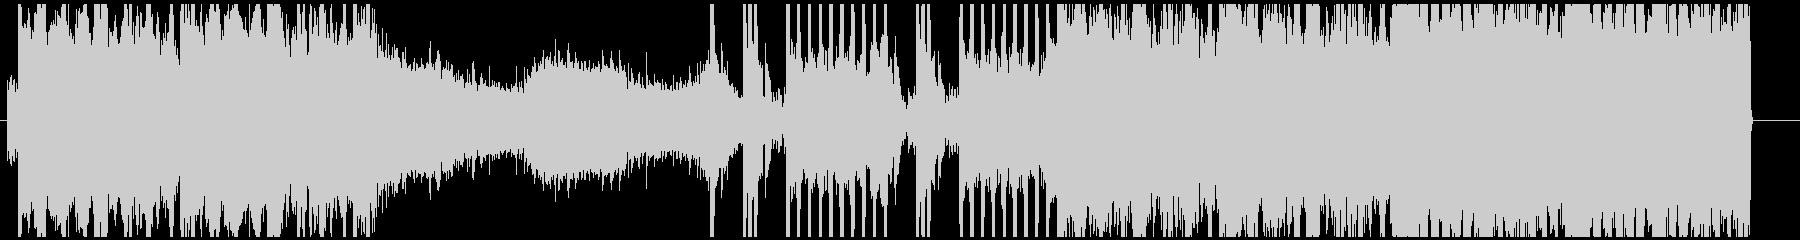 エレクトロ系のインストの未再生の波形